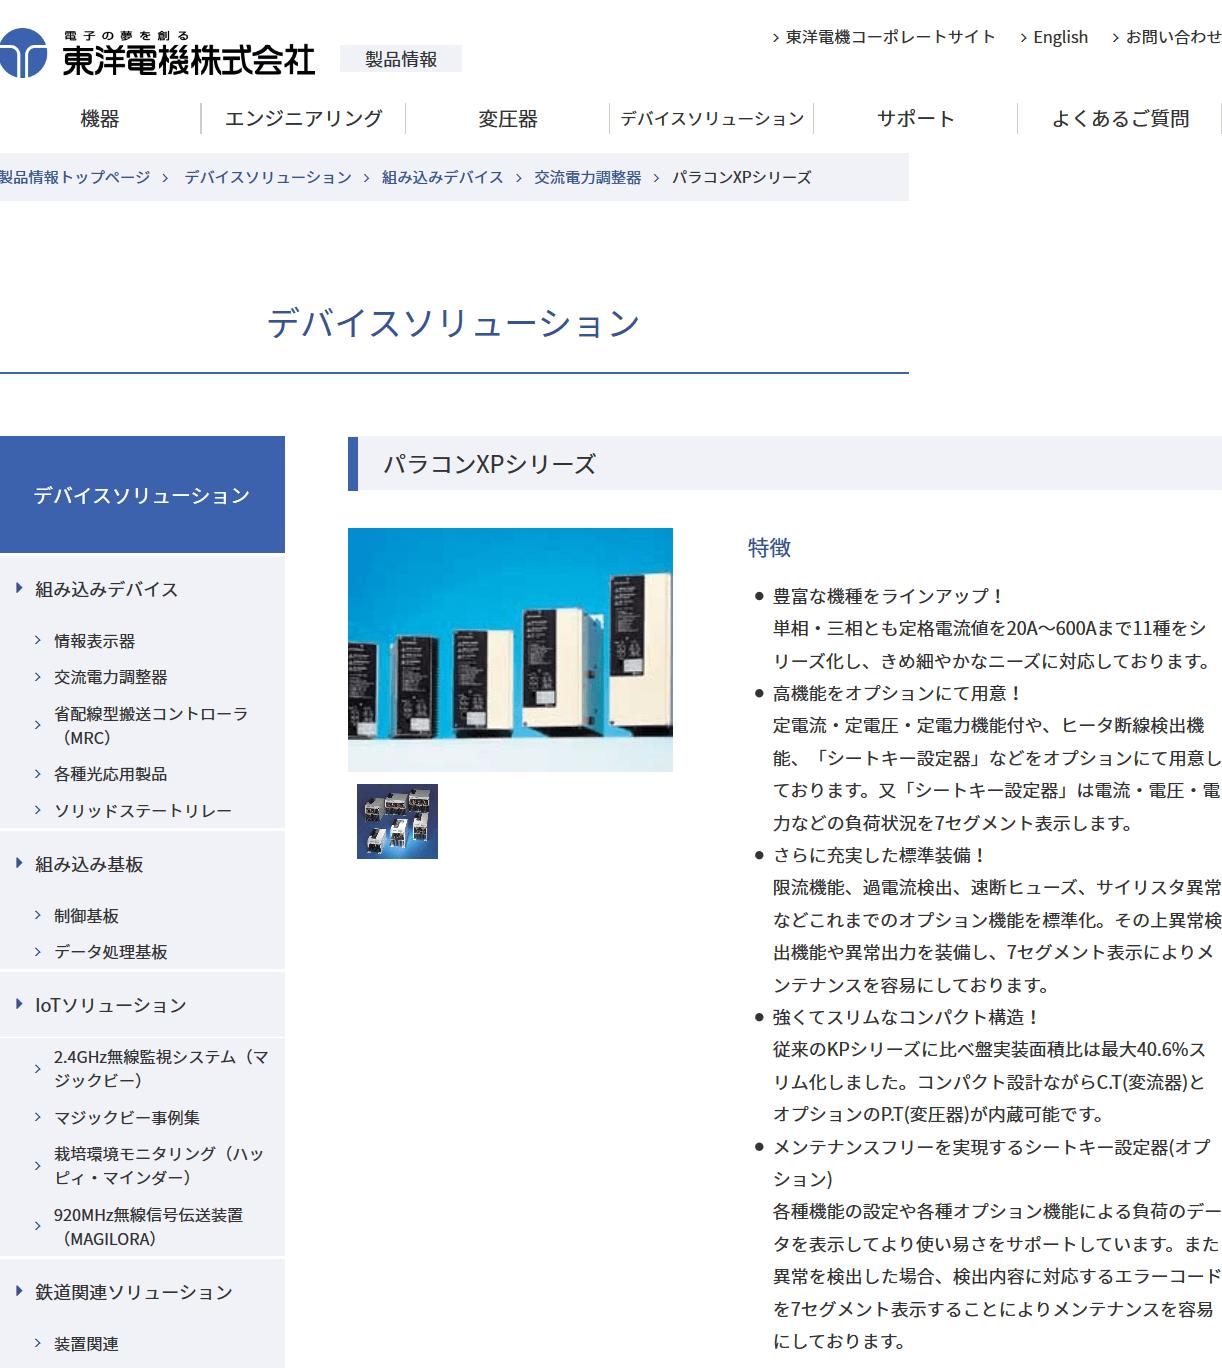 パラコンXPシリーズ